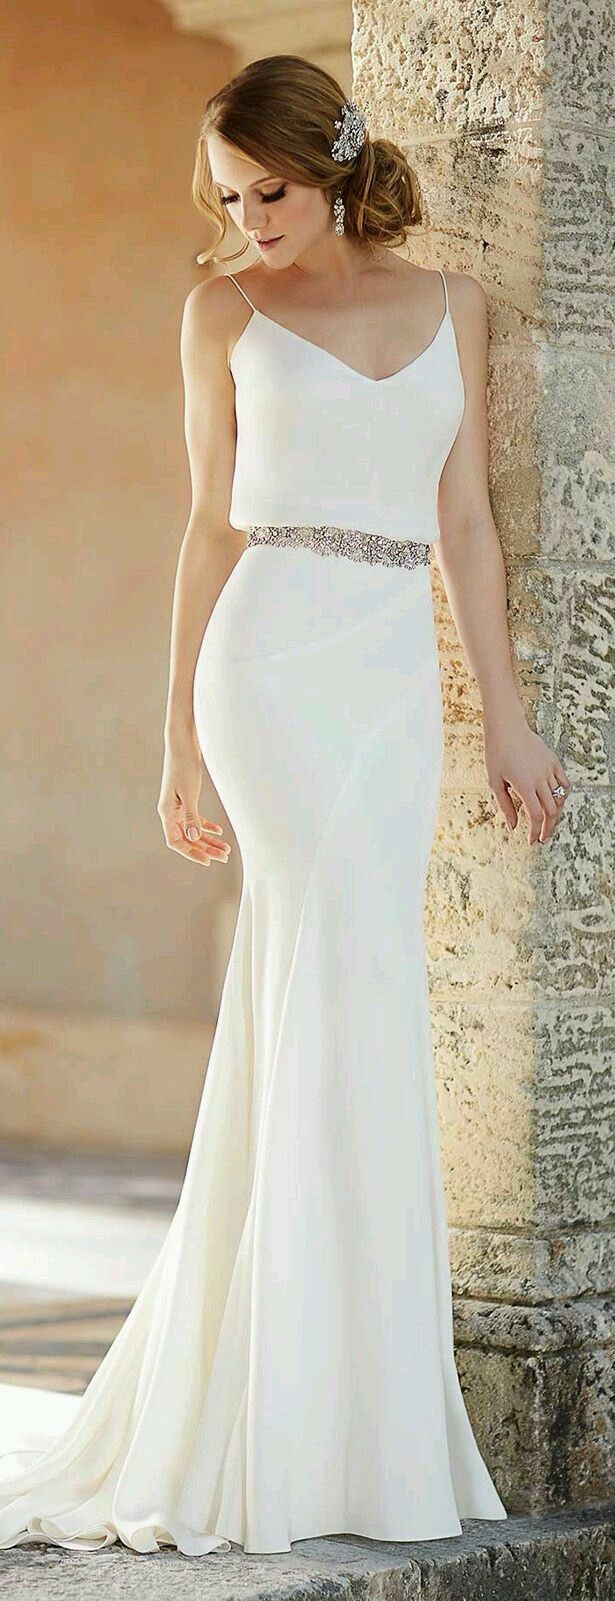 Vestido de noiva - liso com corte reto